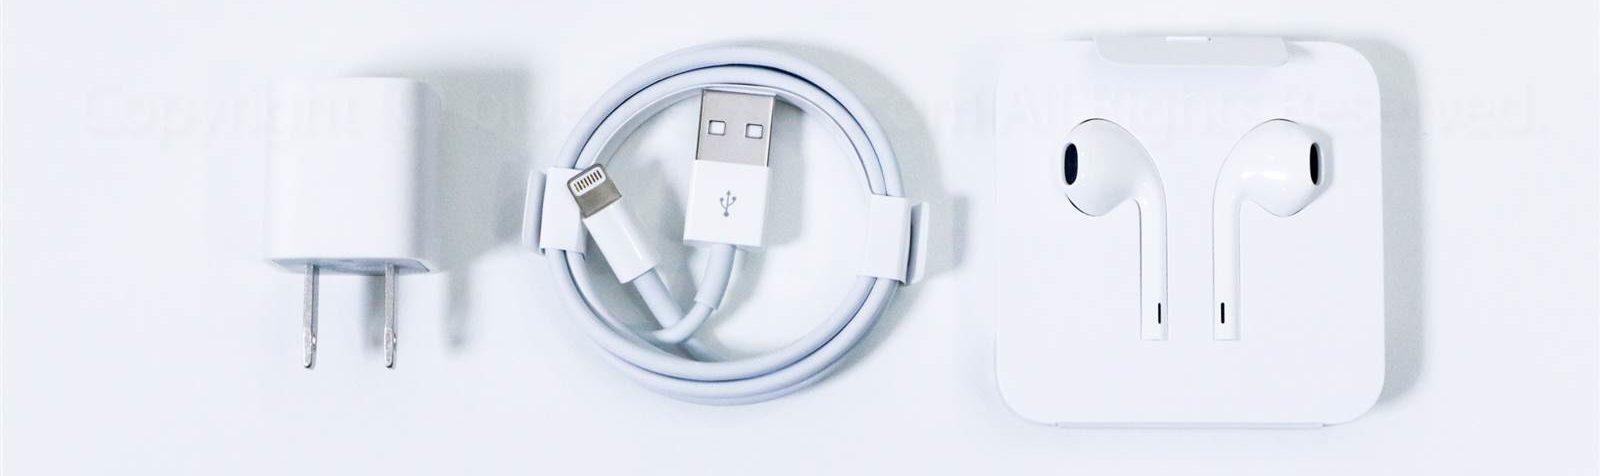 iPhone SE(2020)付属品レビュー03